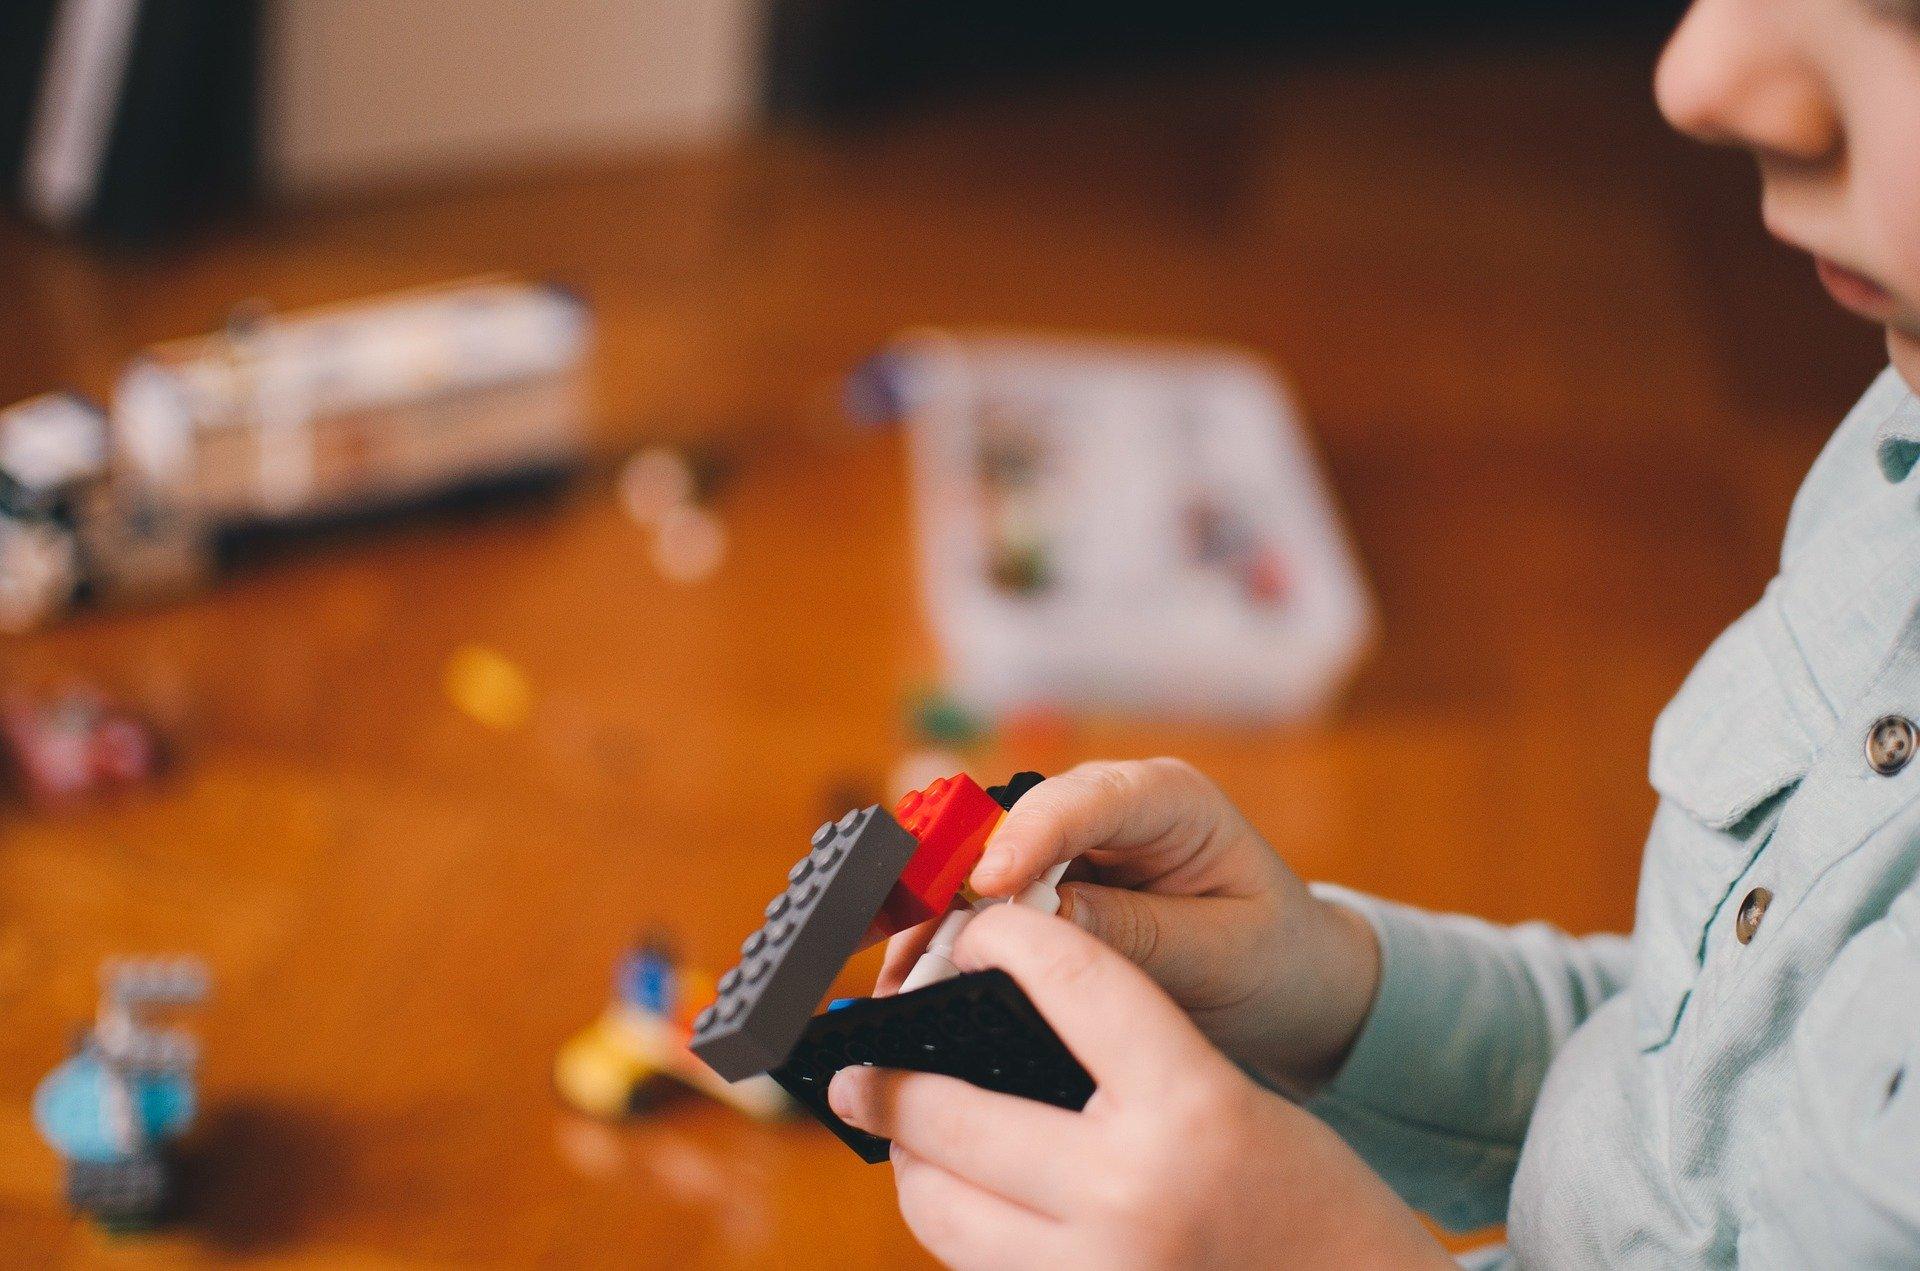 niño jugando y aprendiendo con lego